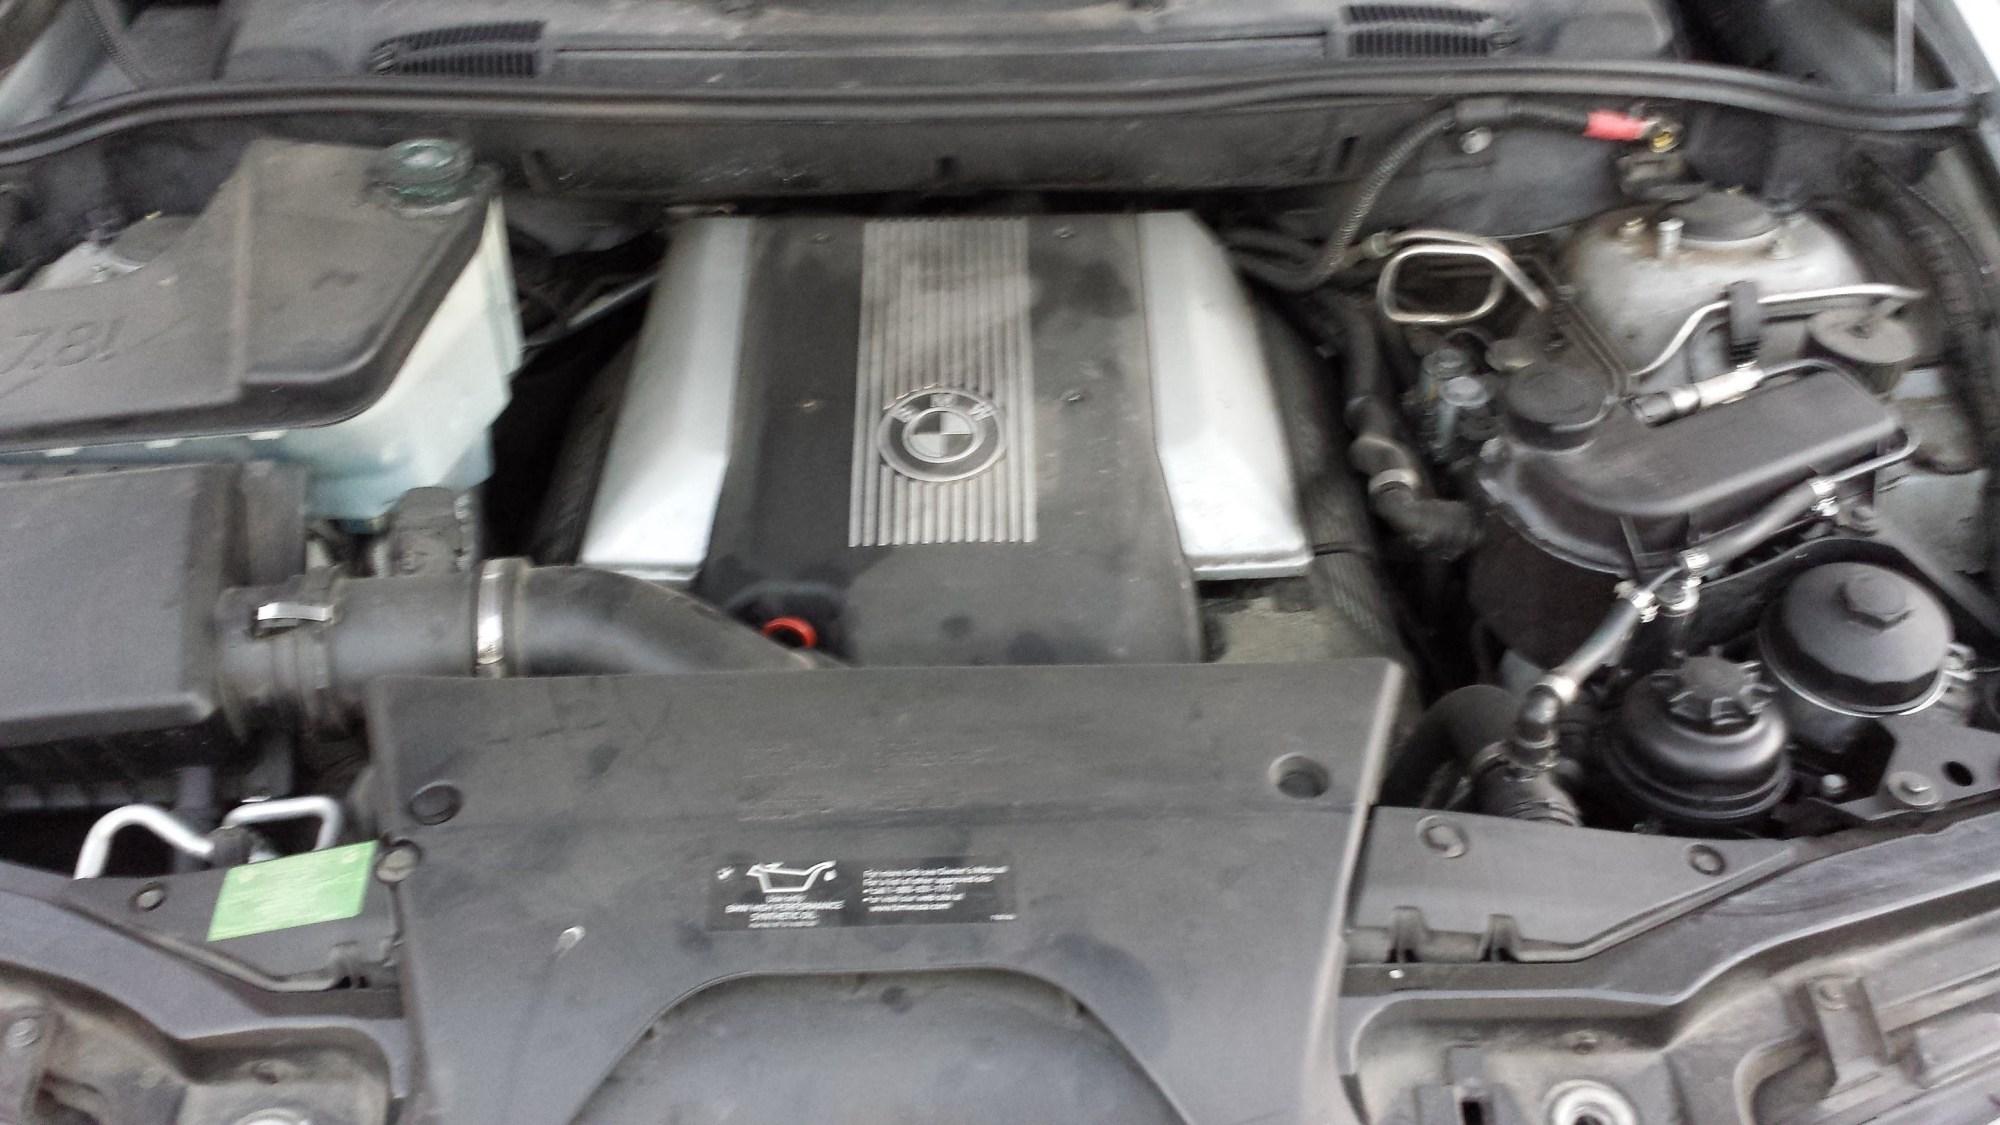 hight resolution of bmw 1 series engine diagram bmw e53 x5 4 4 vanos engine diagram